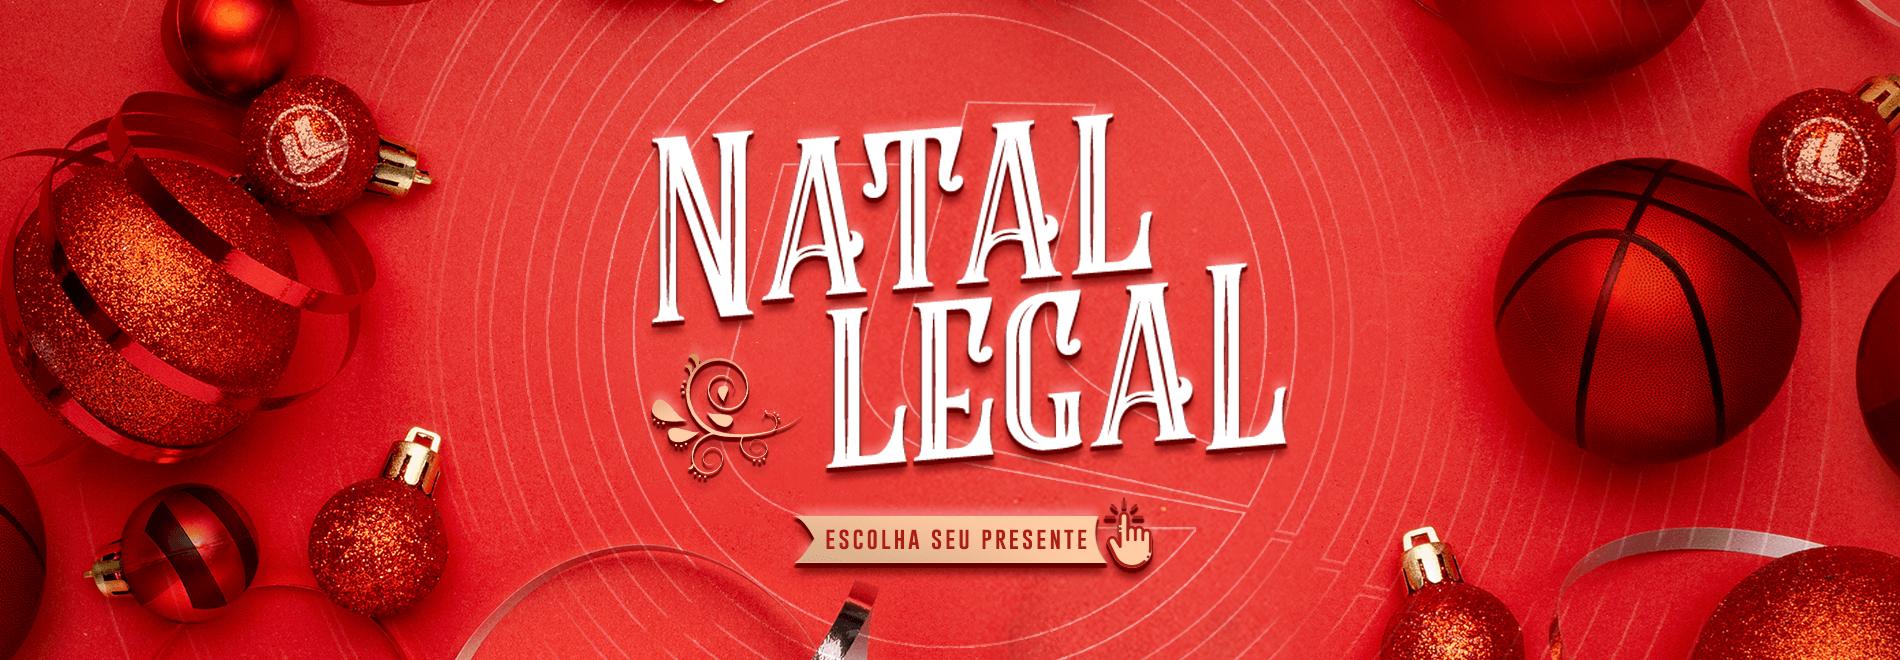 Esporte Legal - Artigos Esportivos - Natal Legal - Produtos em Oferta